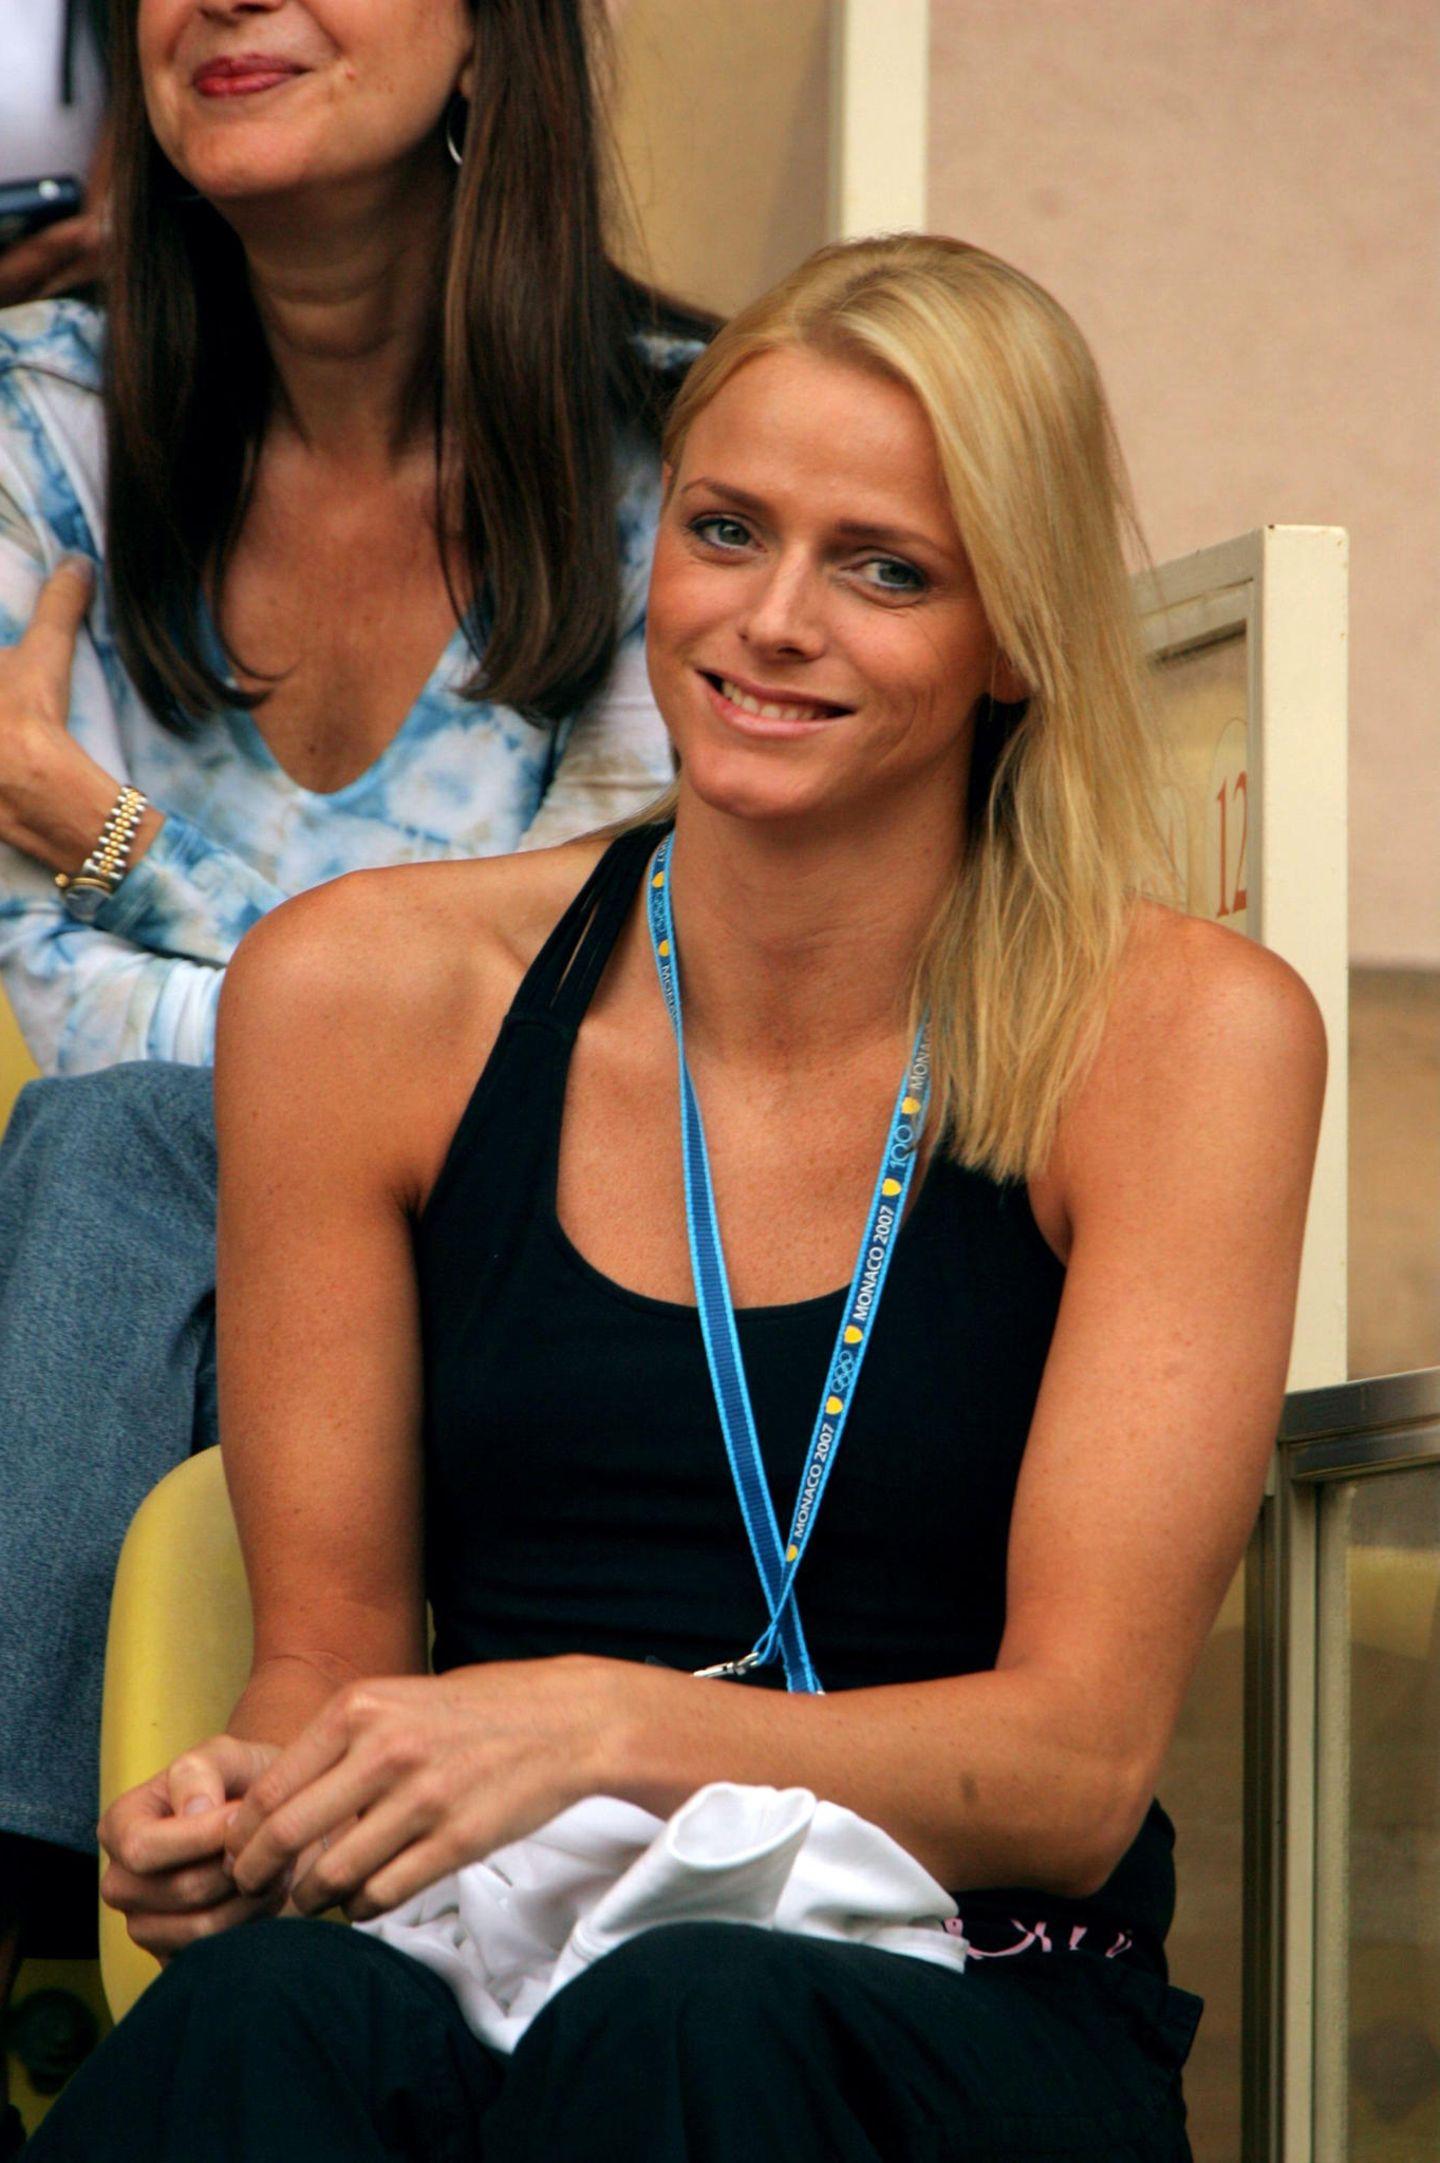 In der Öffentlichkeit stand die bürgerlich geborene Charlène Wittstock schon vor ihrer Hochzeit mit Albert. Als Schwimmerin nahm sie an zahlreichen Wettkämpfen teil, was sich auch an der sportlichen Figur der Südafrikanerin deutlich zeigte.